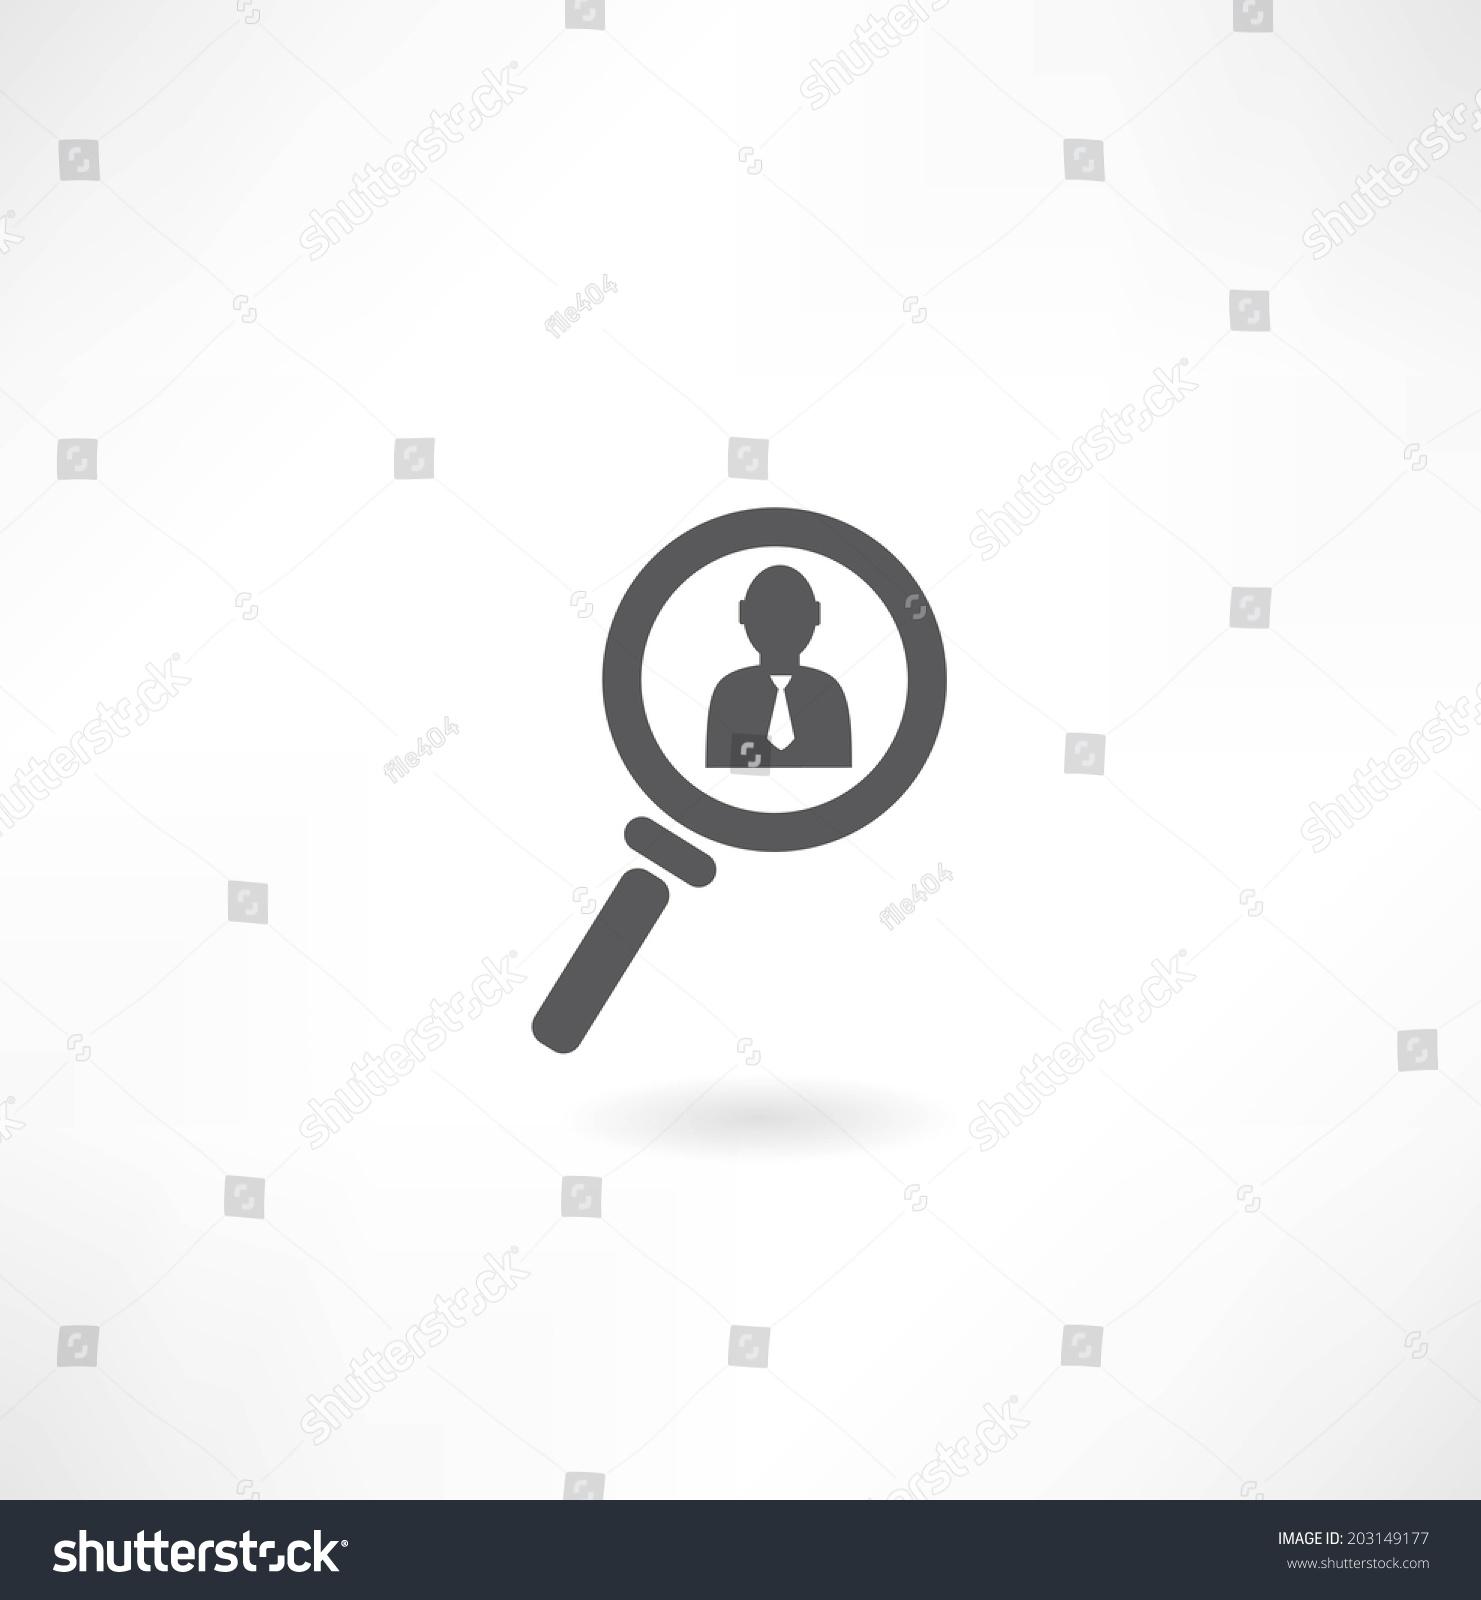 人用放大镜图标-商业/金融,符号/标志-海洛创意()-合.